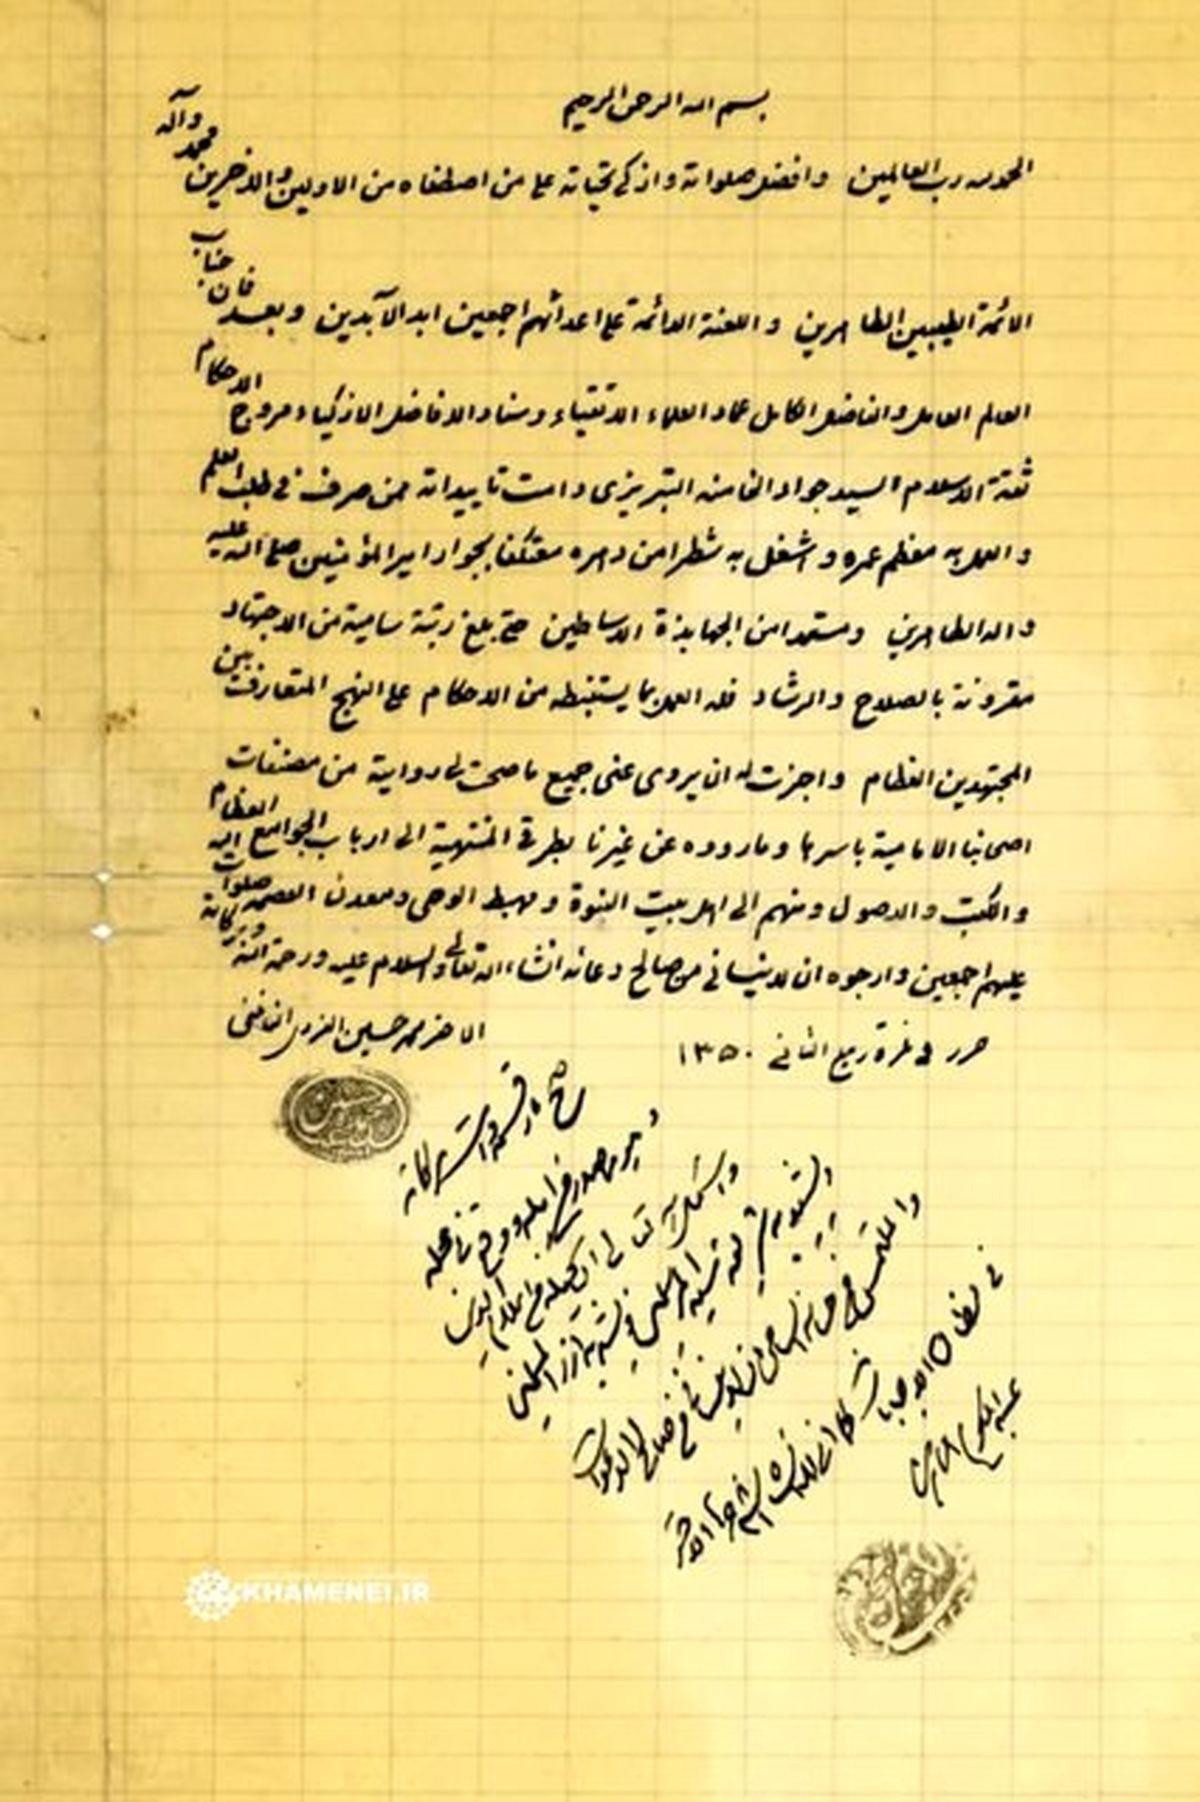 دستخط اجازه اجتهاد و روایت آیتاللّه نائینی به آیتالله حاج سیدجواد خامنهای